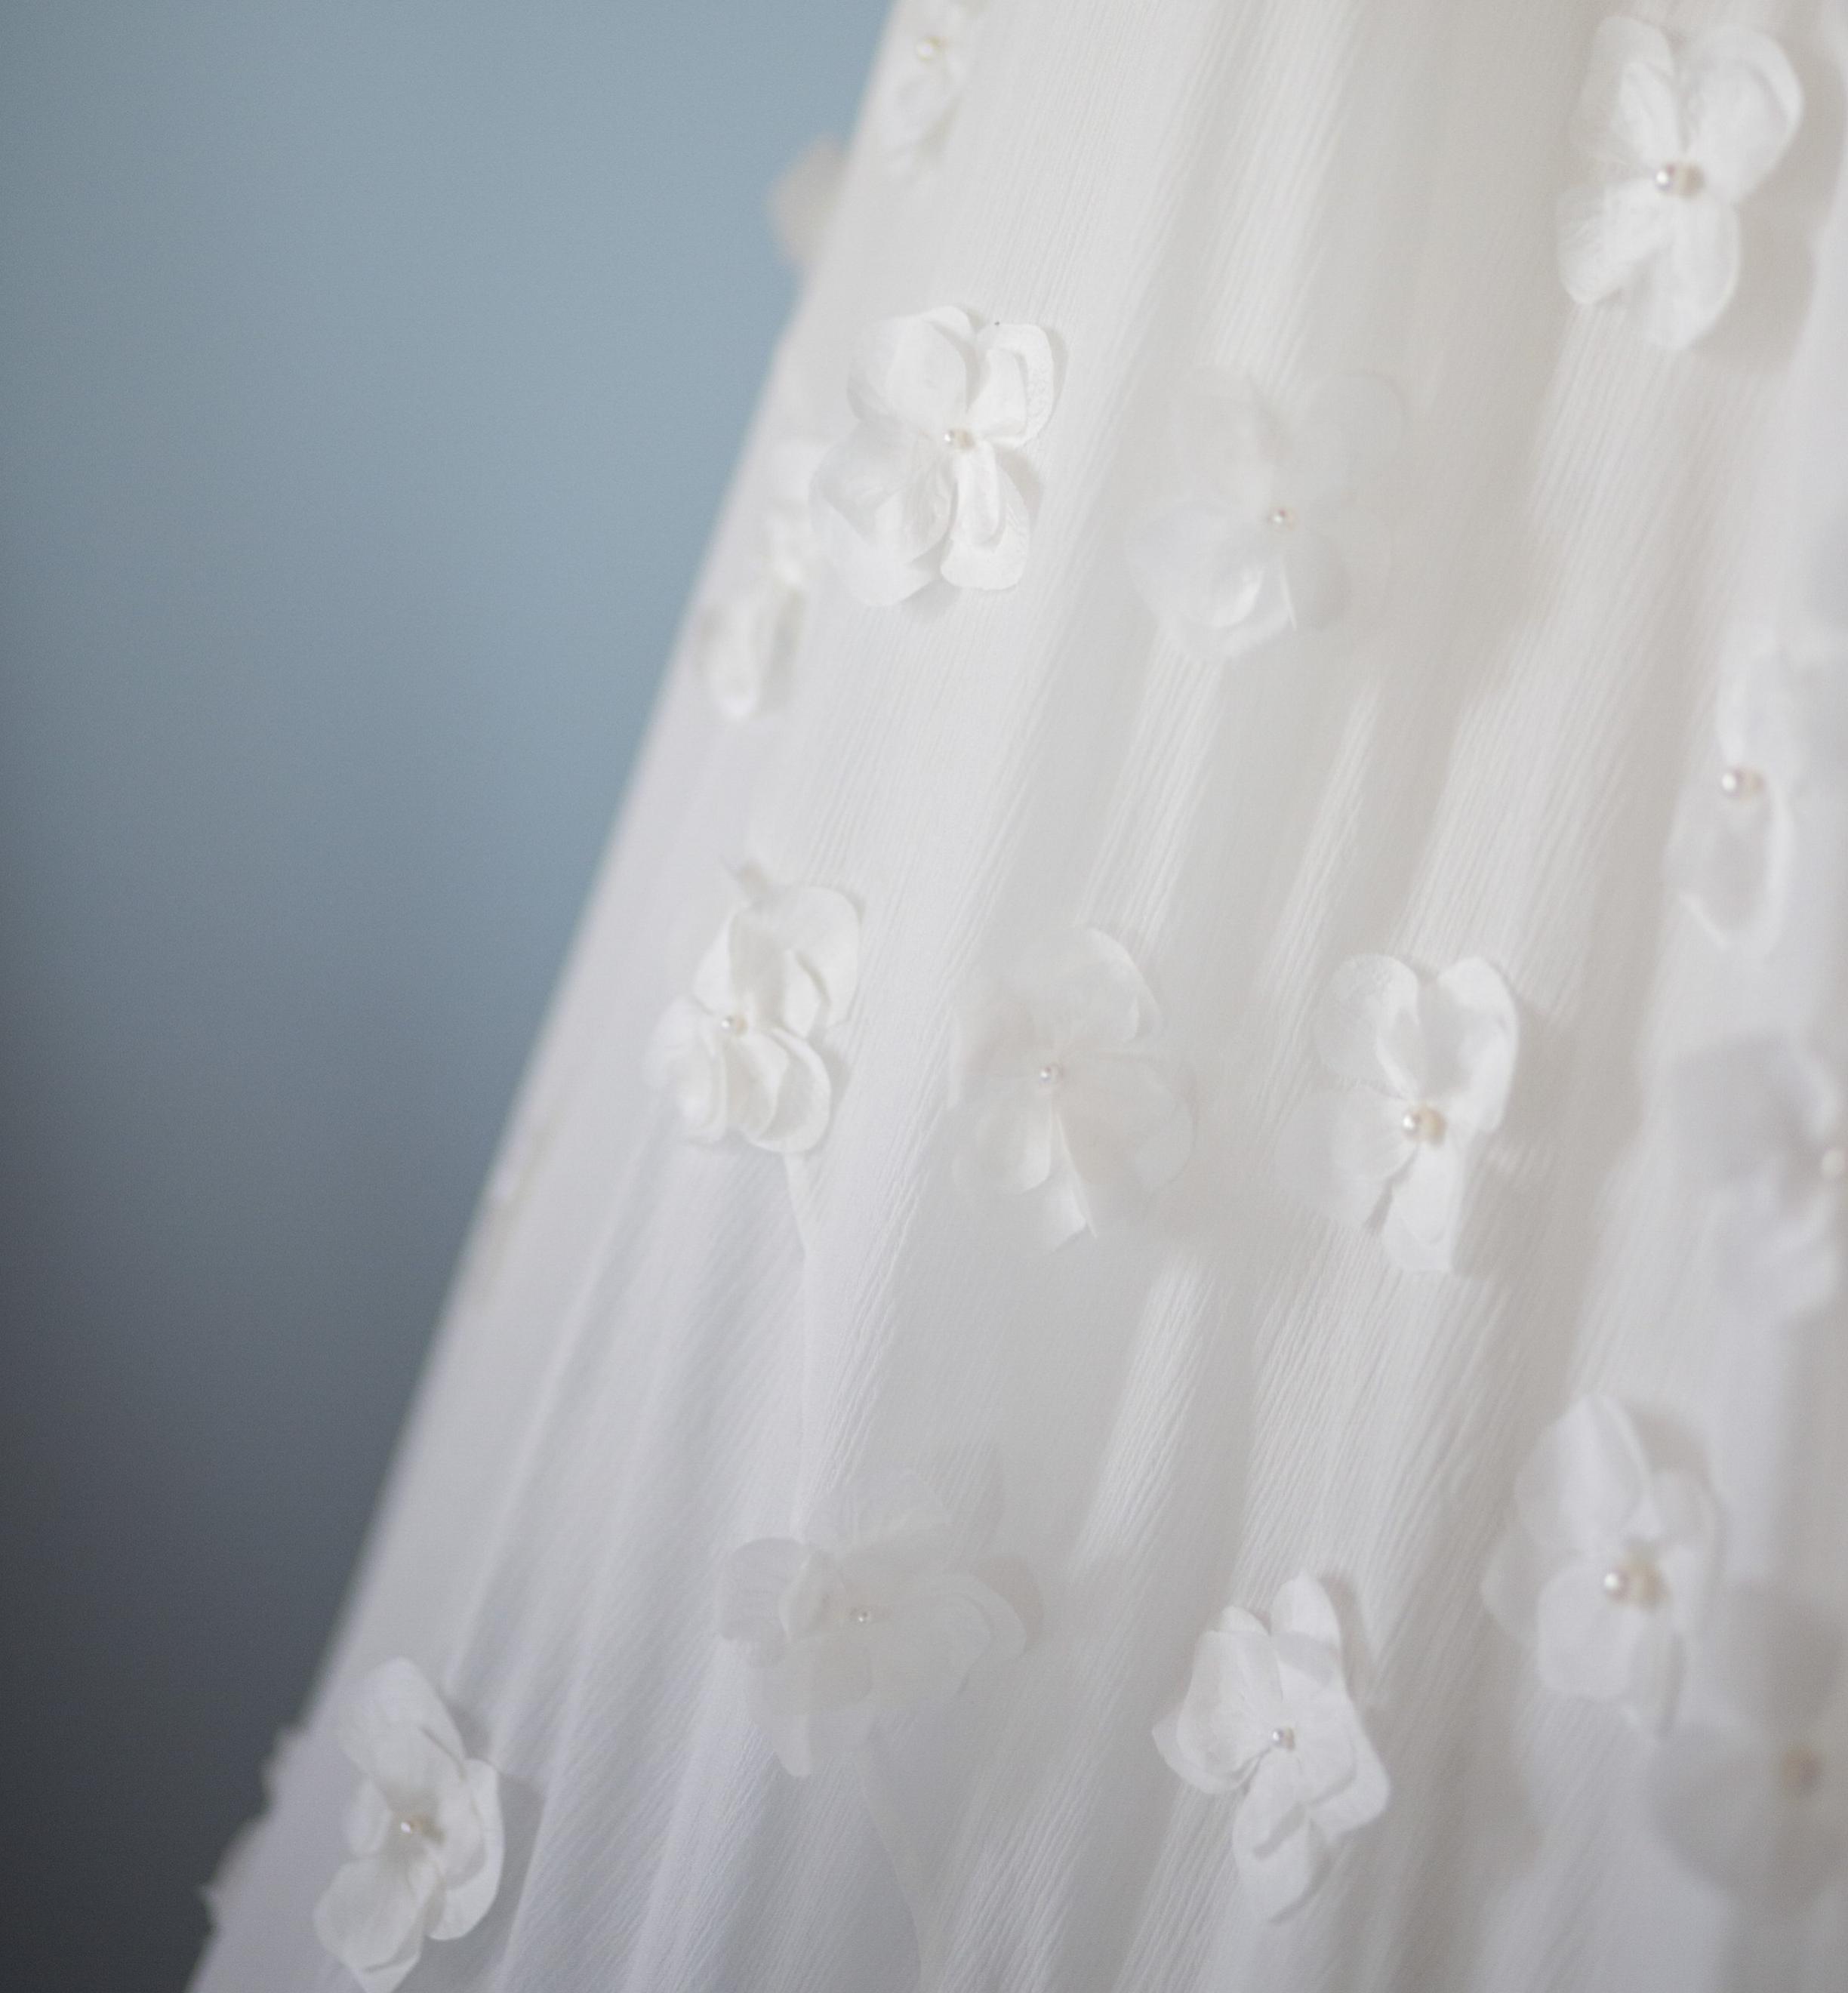 La réalisation de la robe en atelier - Dessin et fiche technique partent ensuite en réalisation dans des ateliers parisiens de prestige choisis avec soin par Camille. Travaillant au quotidien pour des marques de renom, leur savoir-faire incomparable est sublimé par l'utilisation de matières nobles et de qualité supérieure fabriquées en France, à l'instar des incontournables dentelles Soltiss et Sophie Hallette.Encadrés par la créatrice qui souhaite être au plus près du processus de production, les ateliers font de chaque robe une véritable création Haute Couture confectionnée avec patience et délicatesse.